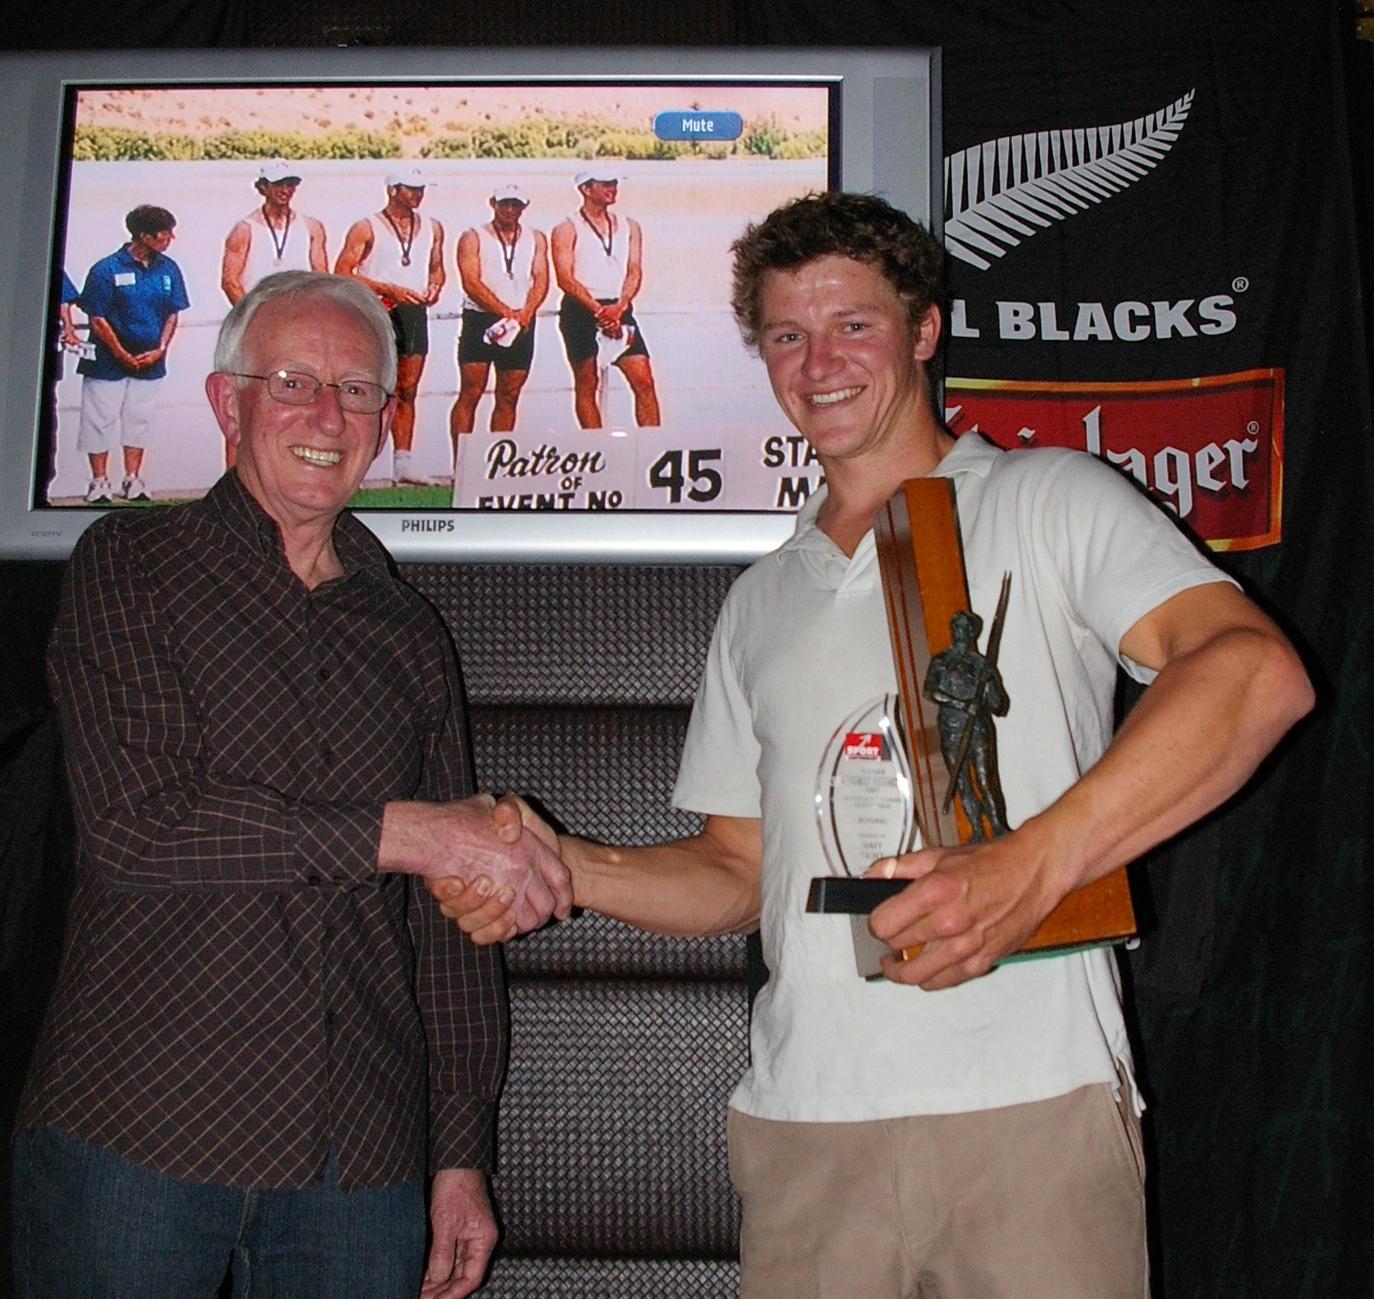 matthew trott - oarsmen of the year 2007.jpg